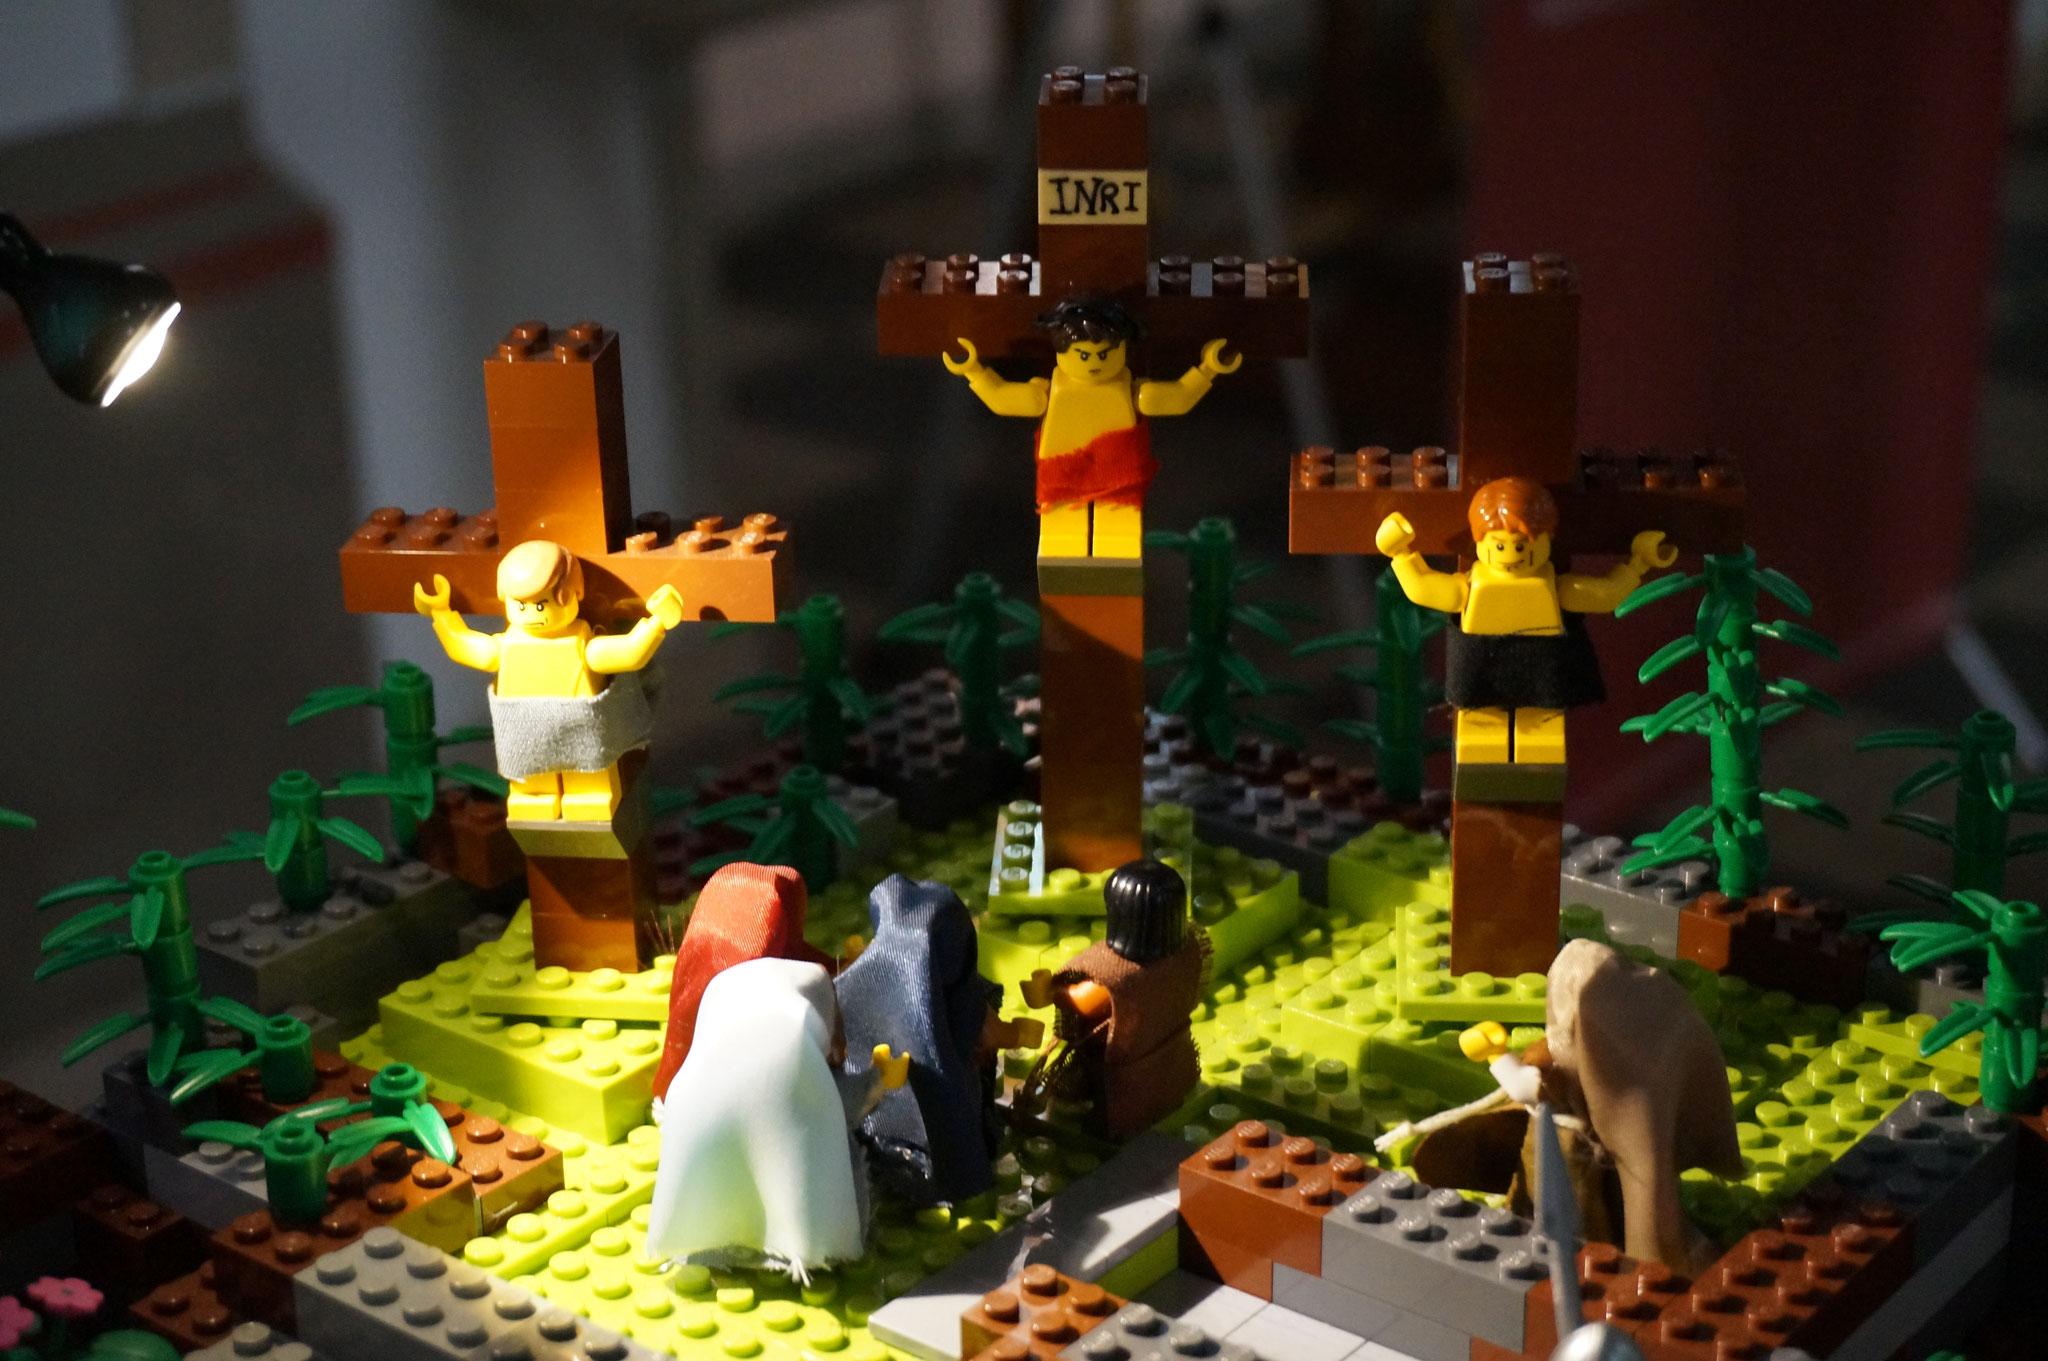 5. Station - Jesus wird gekreuzigt und stirbt